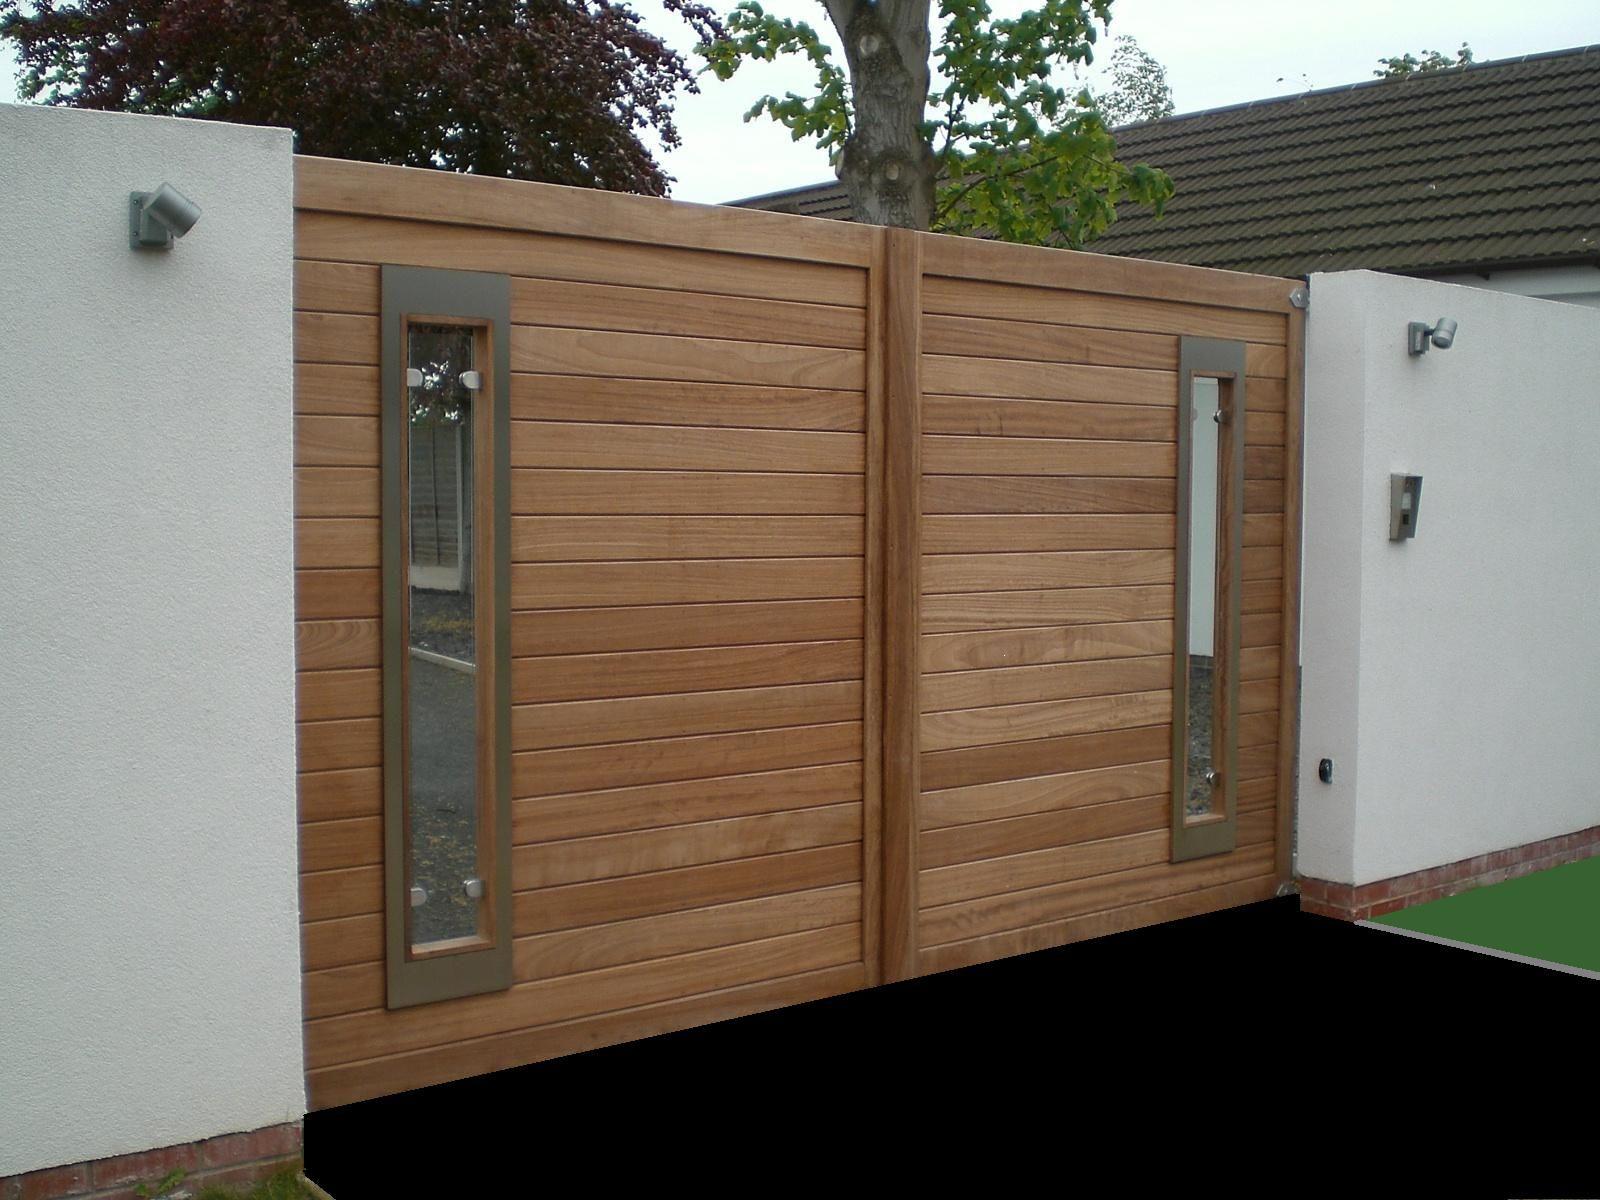 modern wooden gate http://www.pinterest.com/avivbeber3